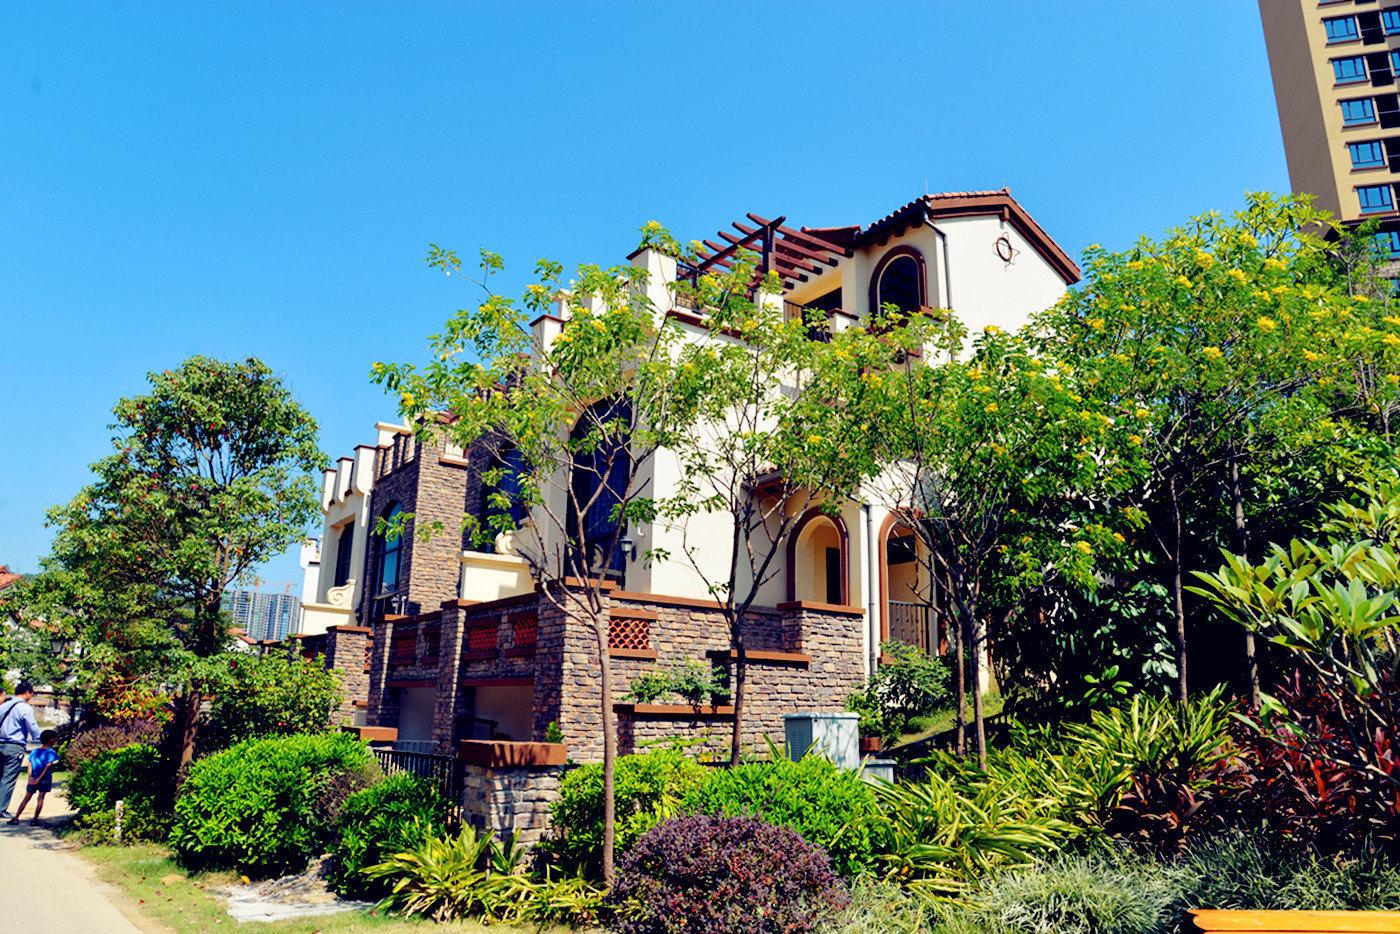 惠州南昆山妙途温泉度假别墅-欧式风格5房别墅+温泉